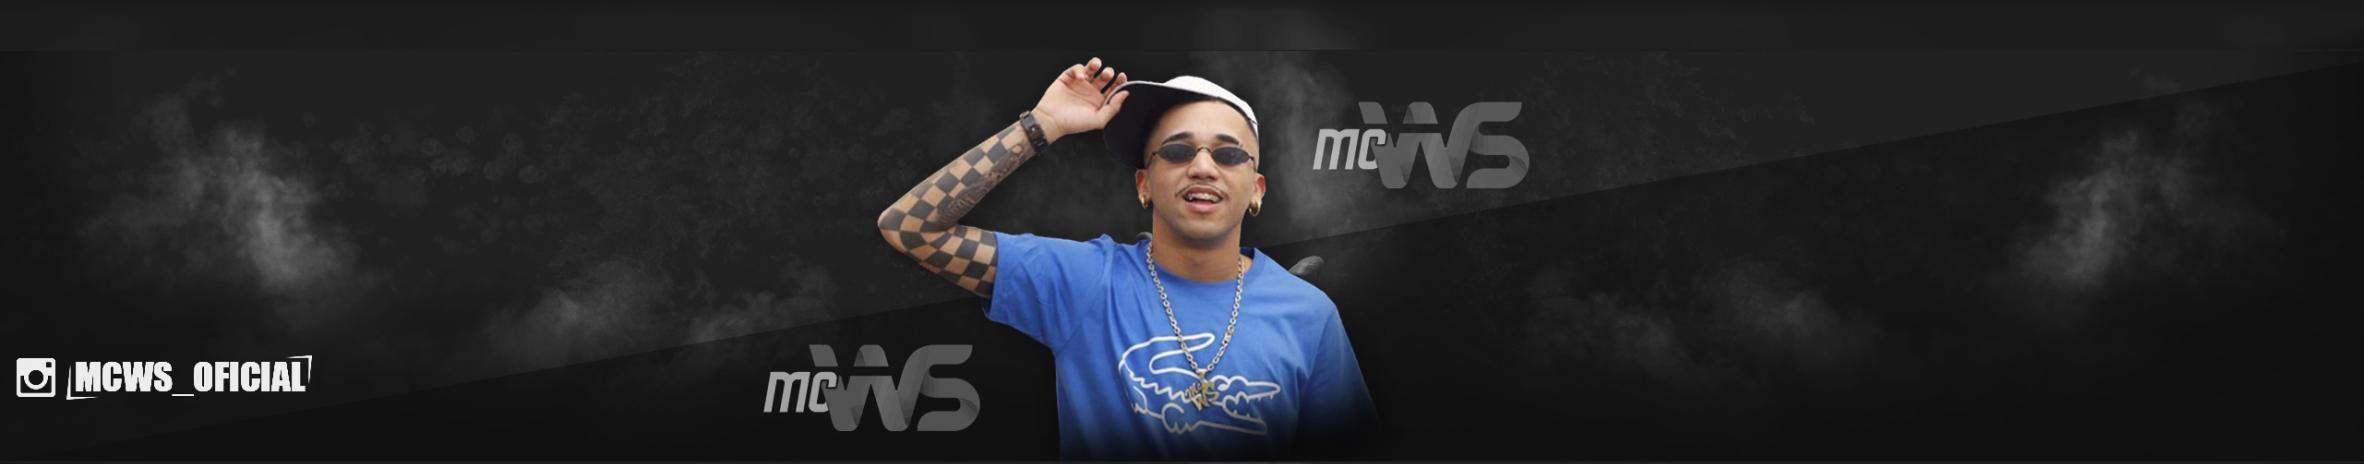 Imagem de capa de Mc Ws